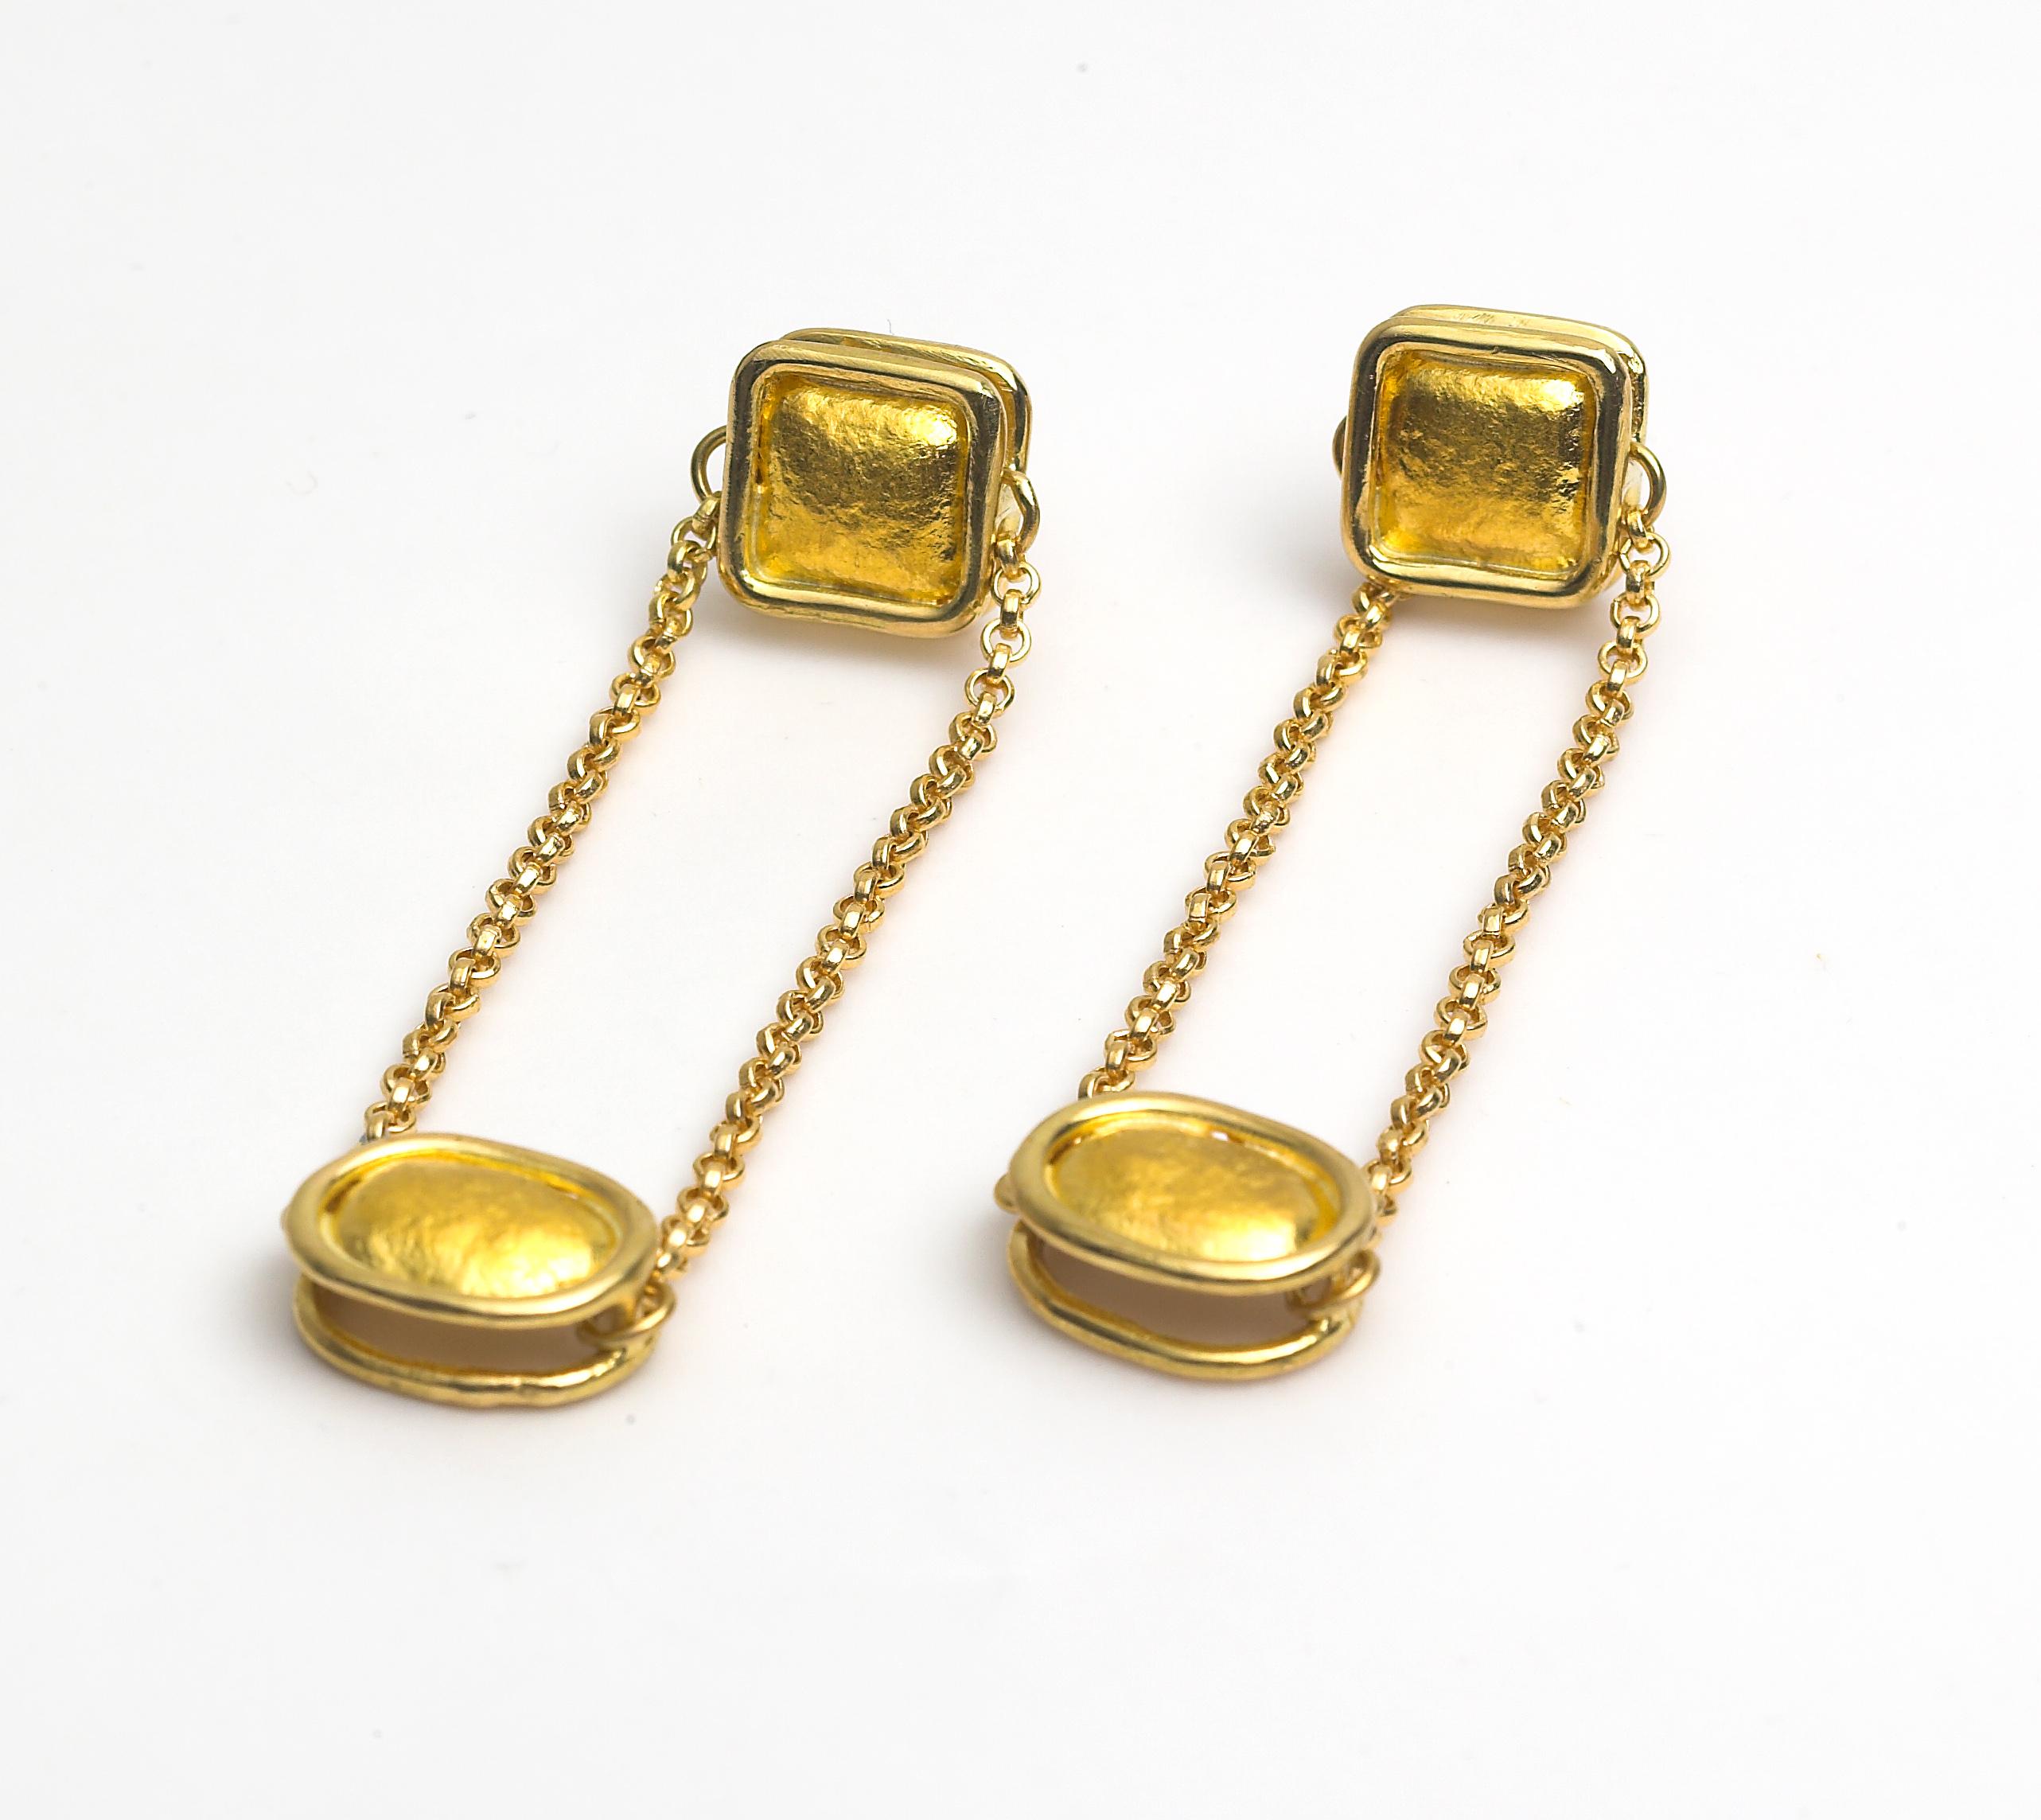 Earrings in 24kt & 18kt gold